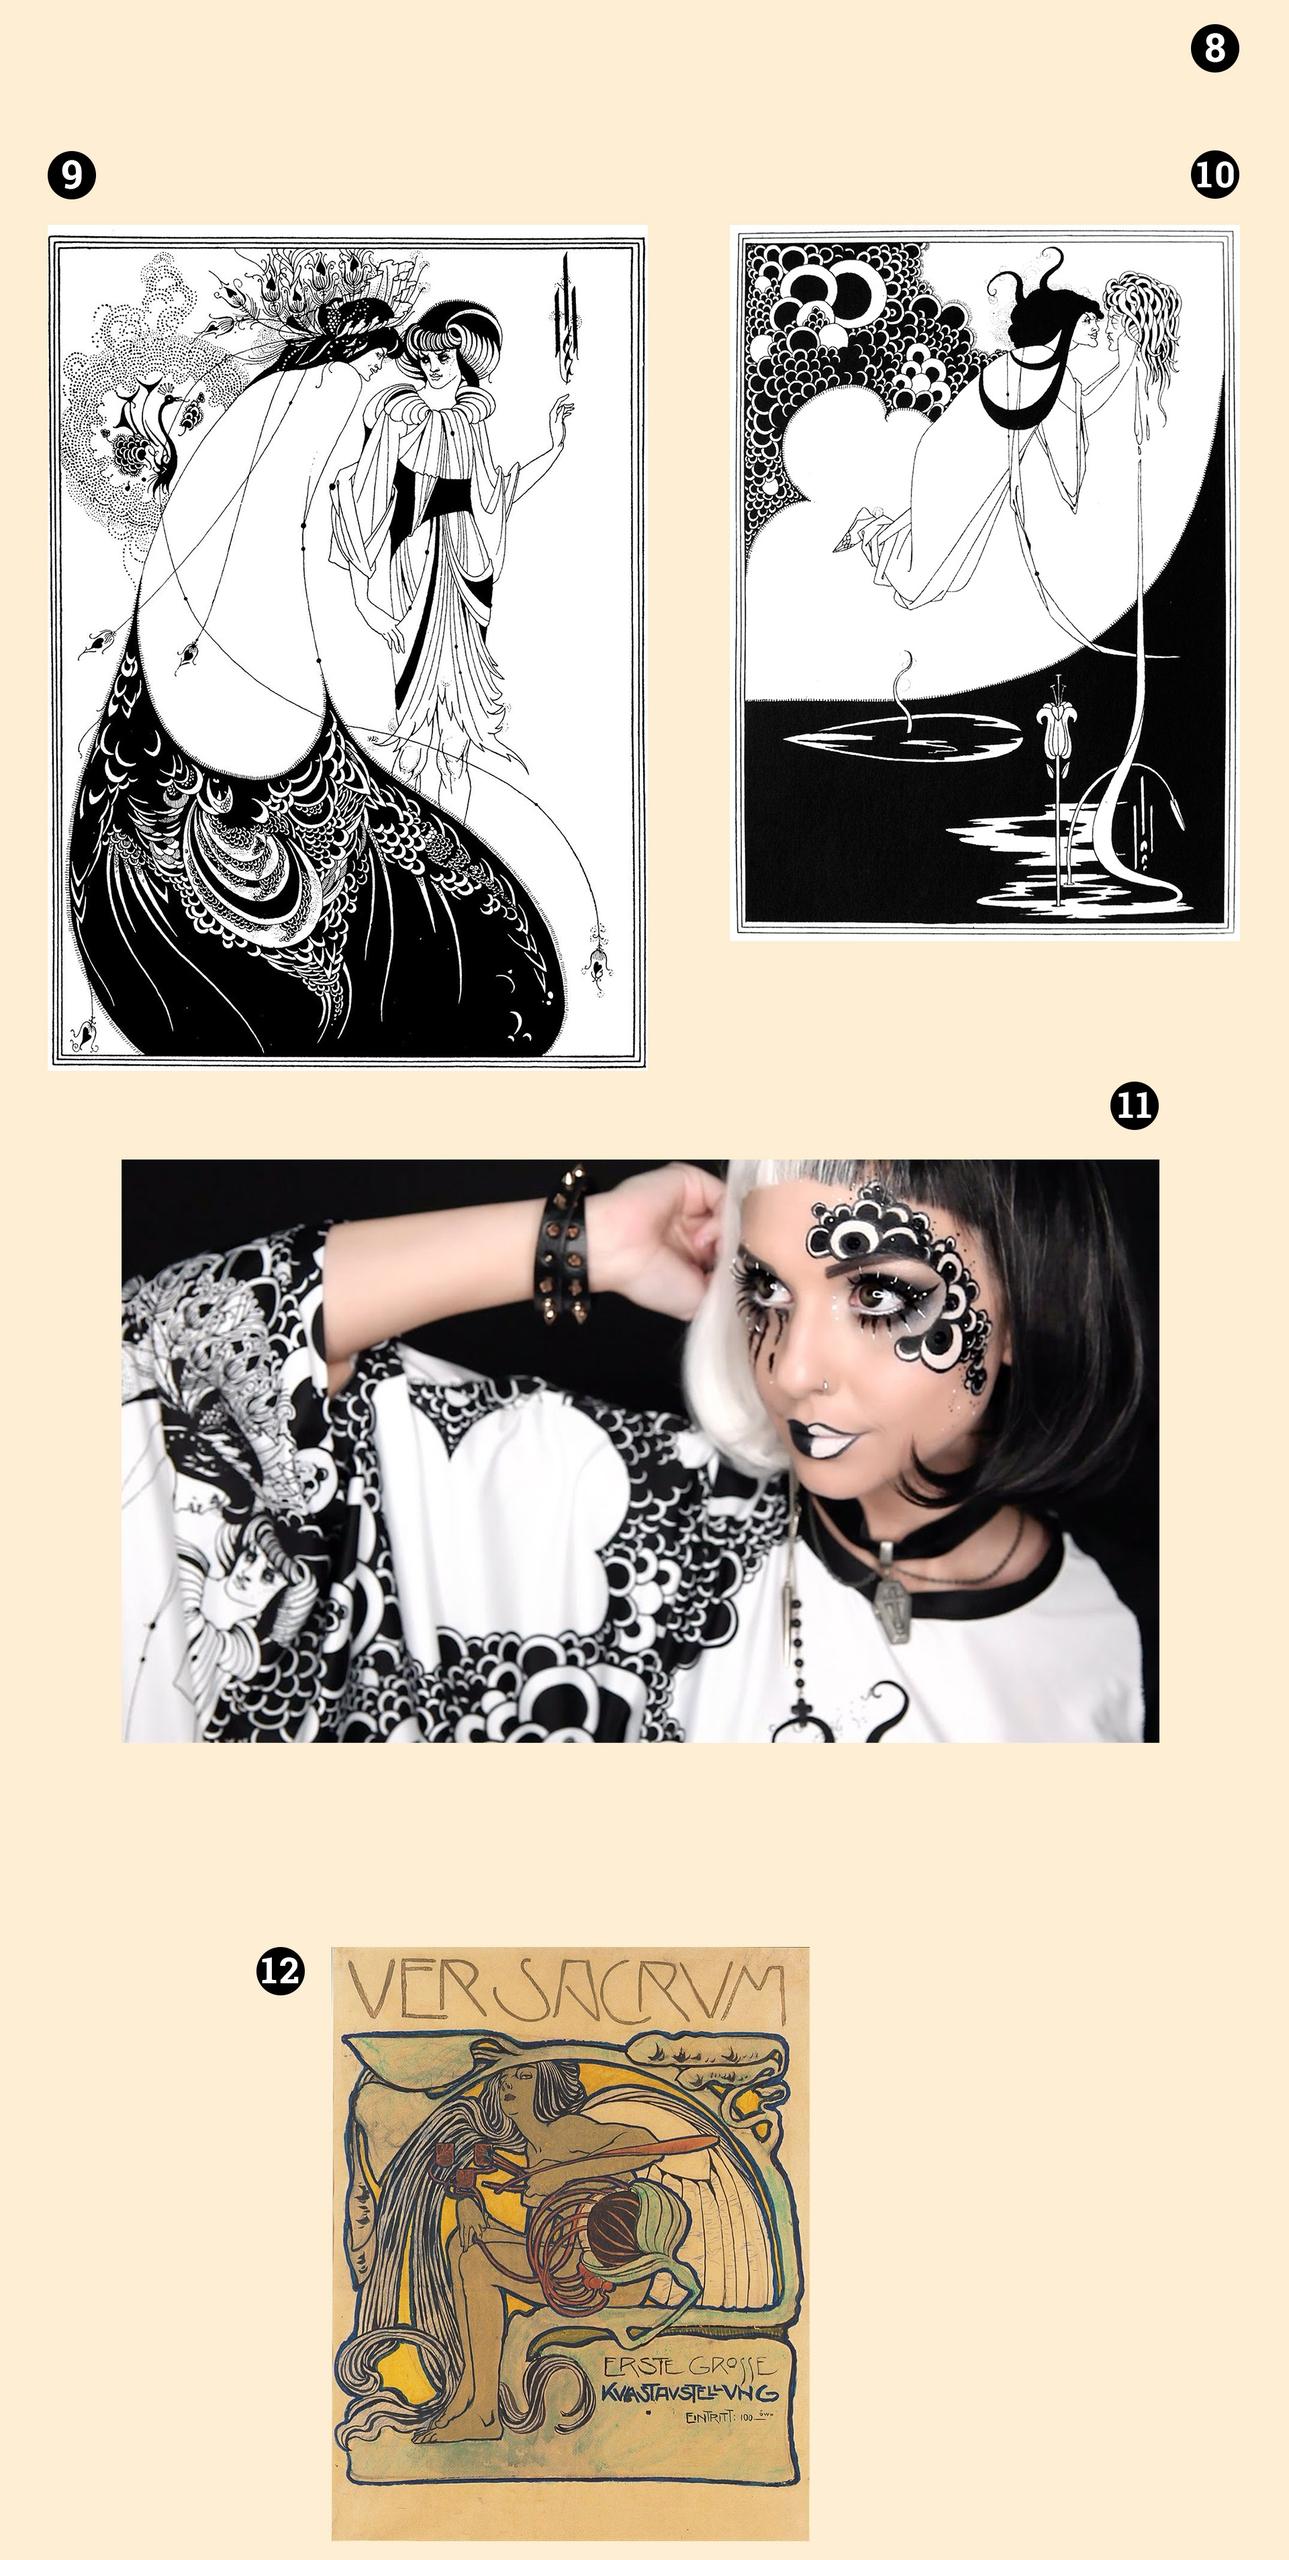 Obraz przedstawia cztery zdjęcia, z czego trzy są rysunkami, a jedno zdjęciem twarzy kobiety pomalowanej na biało-czarno.